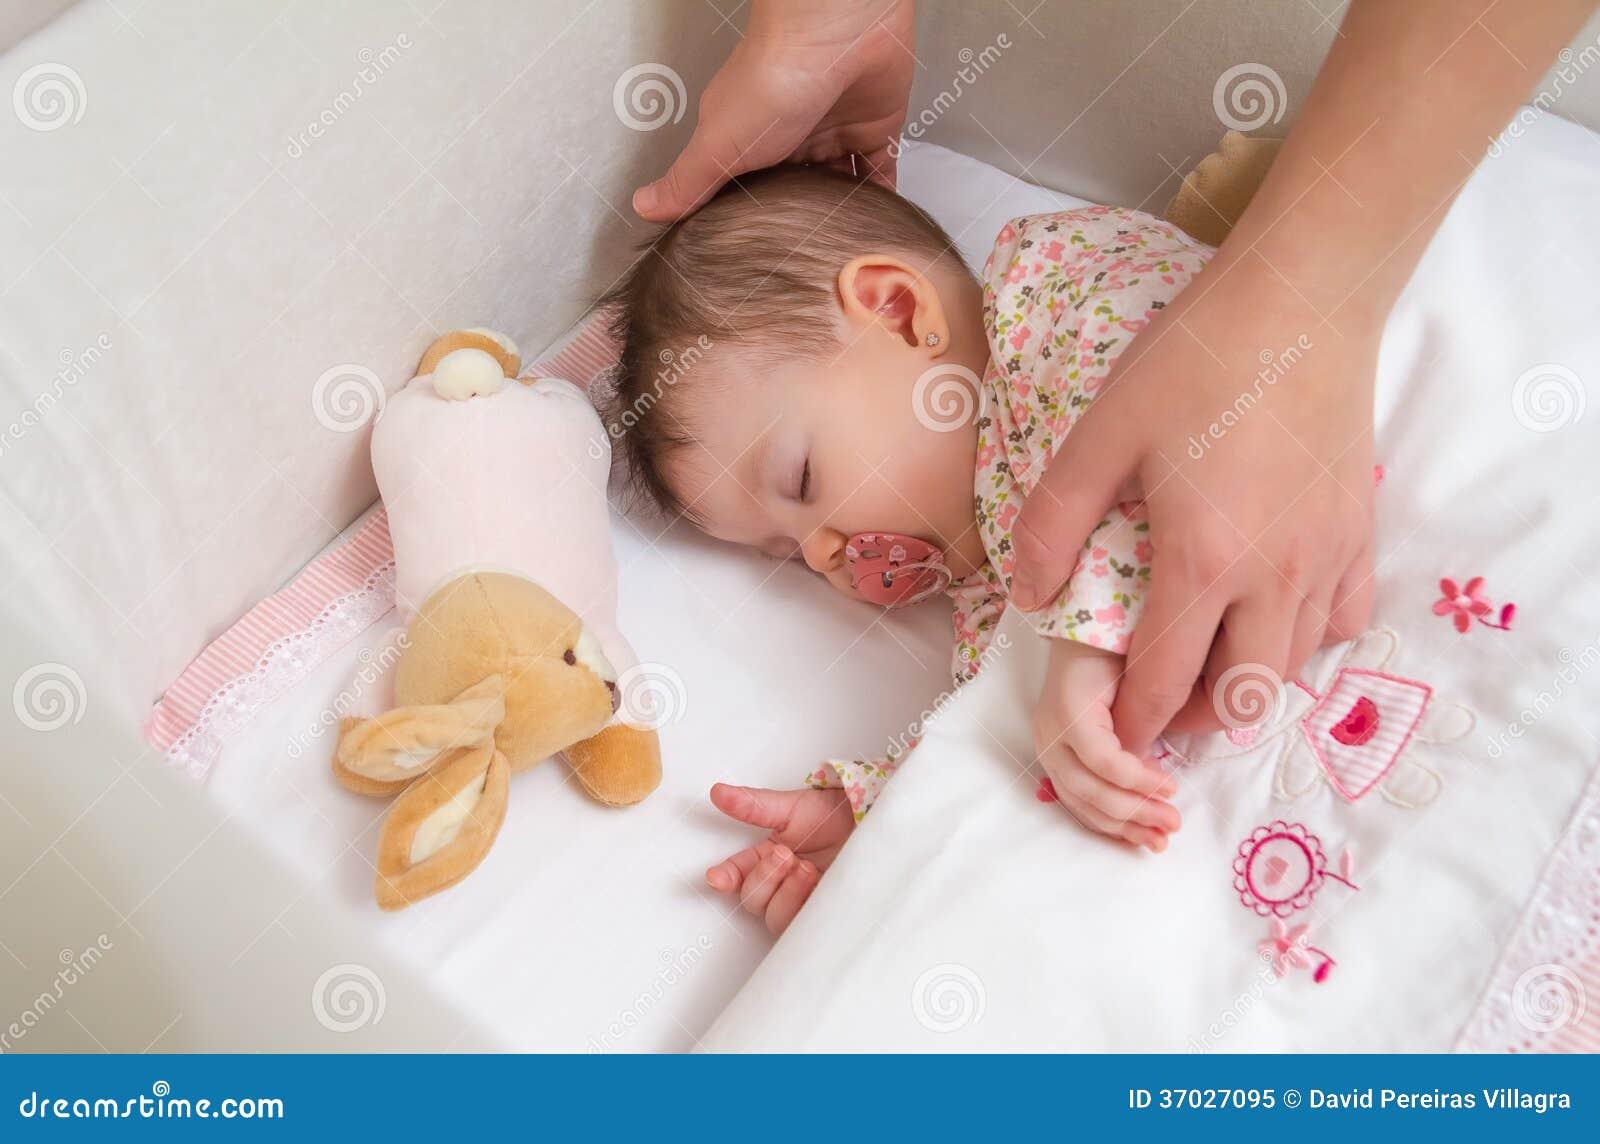 Hände der Mutter ihr Babyschlafen streichelnd